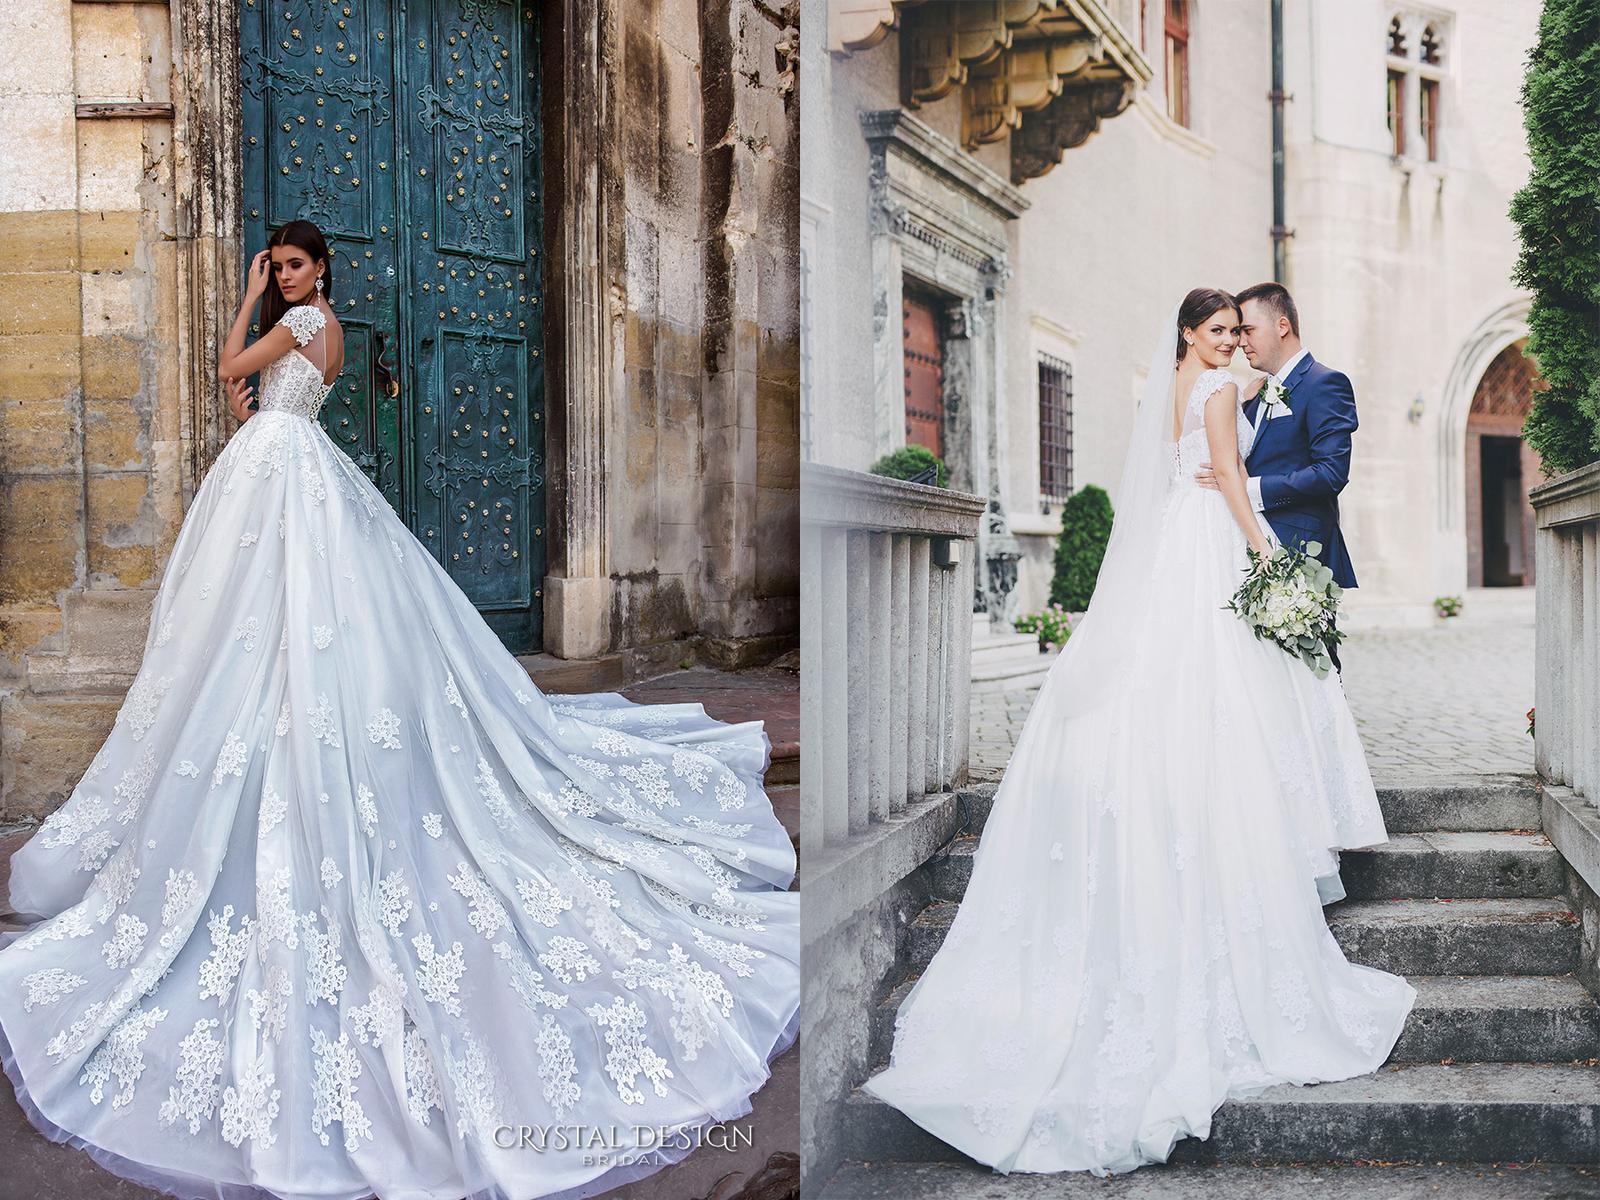 Svadobné šaty na modelke a na reálnej neveste - Nevesta @tani_s a jej svadobné šaty Crystal Design model Ermesso zo svadobného salónu SOIRÉE v Nitre.